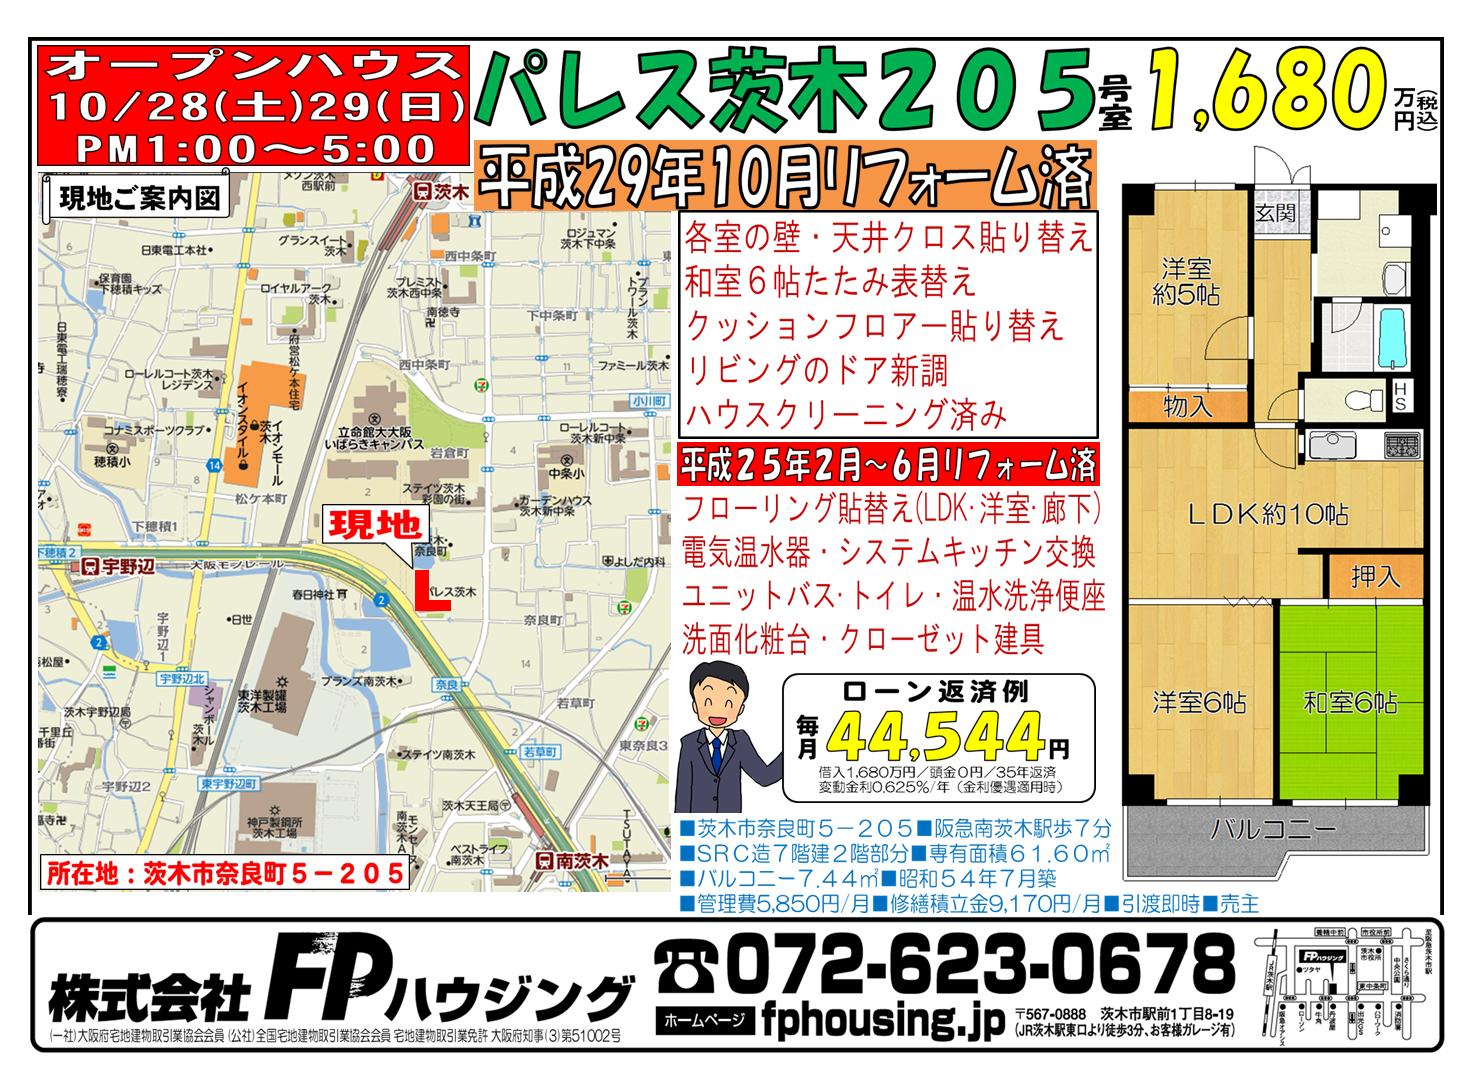 パレス茨木 オープンハウス広告